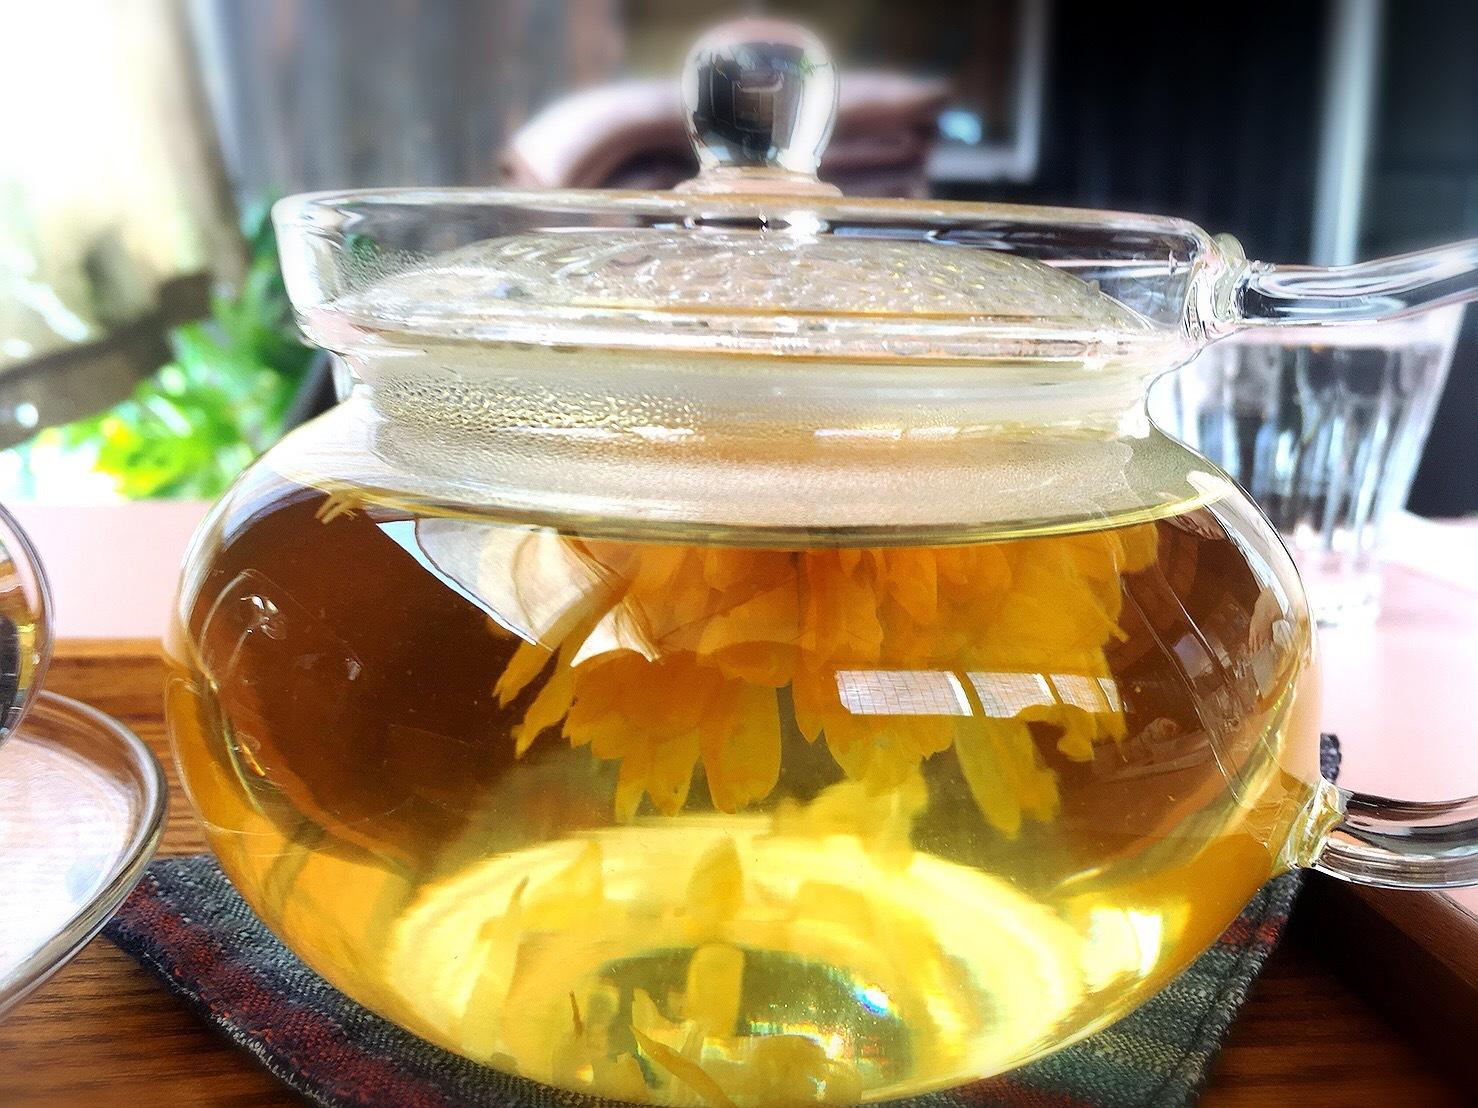 菓のんセットの淡路島カレンデュラ茶